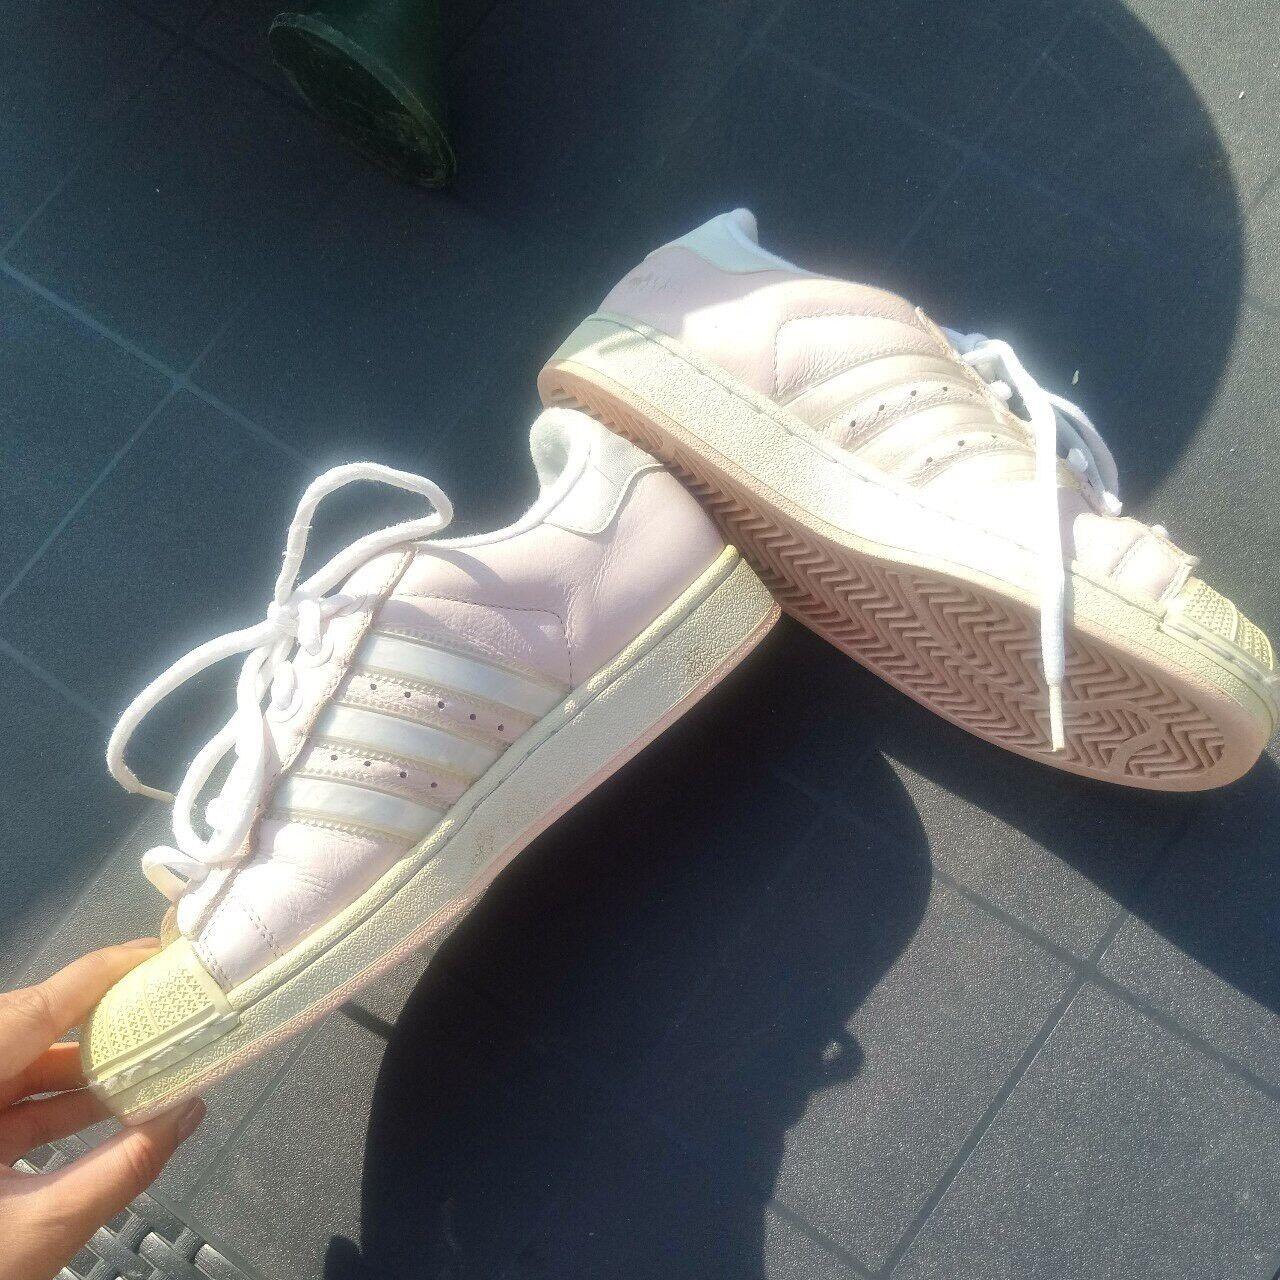 Originali adidas superstar dei formatori, le dimensioni 6-rosa & bianca | Outlet Store Online  | Uomo/Donna Scarpa